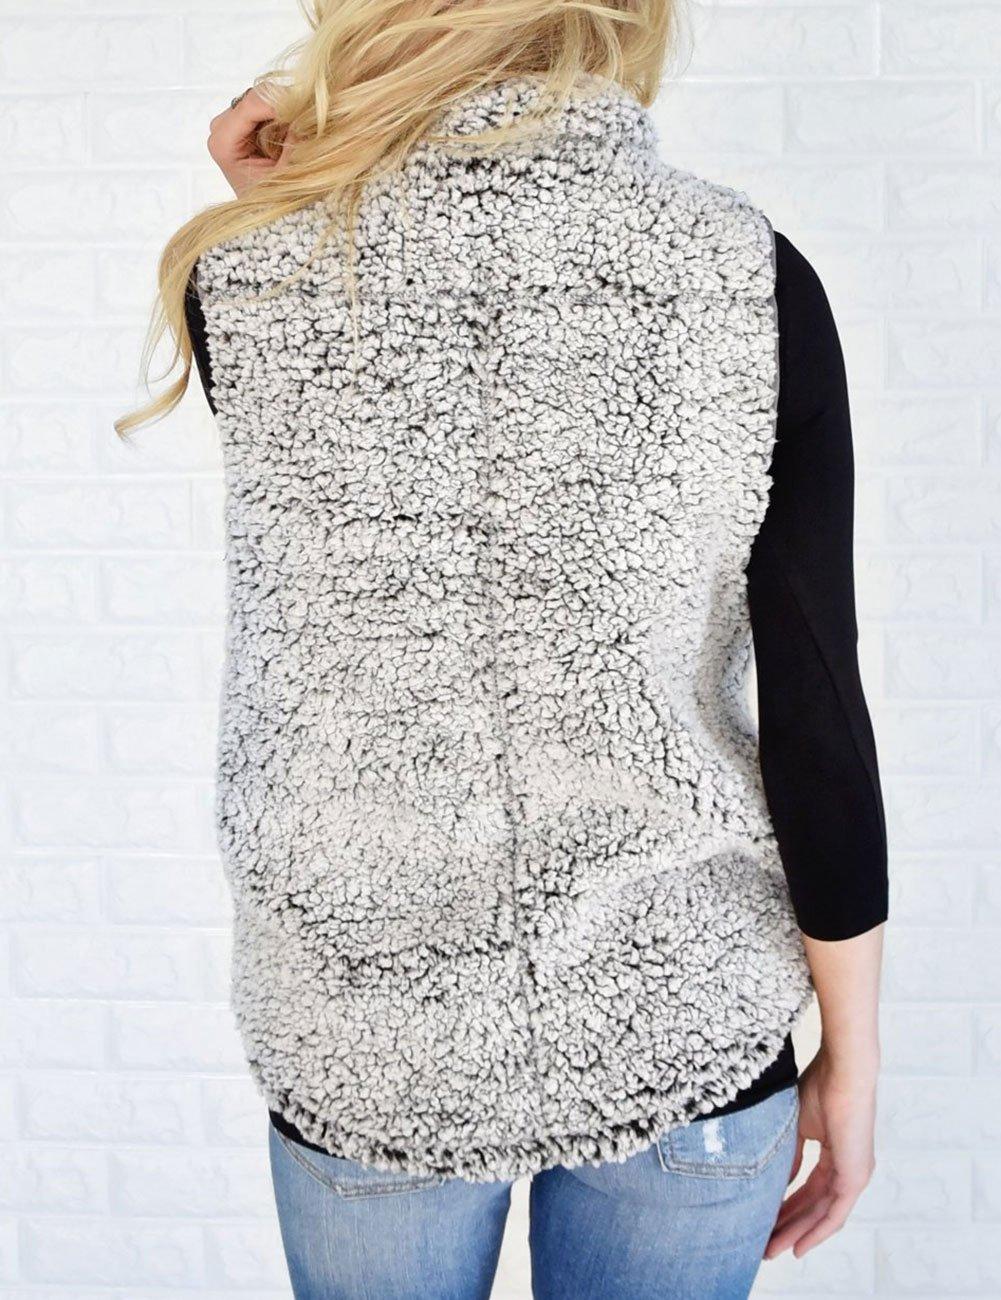 MEROKEETY Women's Casual Sherpa Fleece Lightweight Fall Warm Zipper Vest Pockets by MEROKEETY (Image #6)